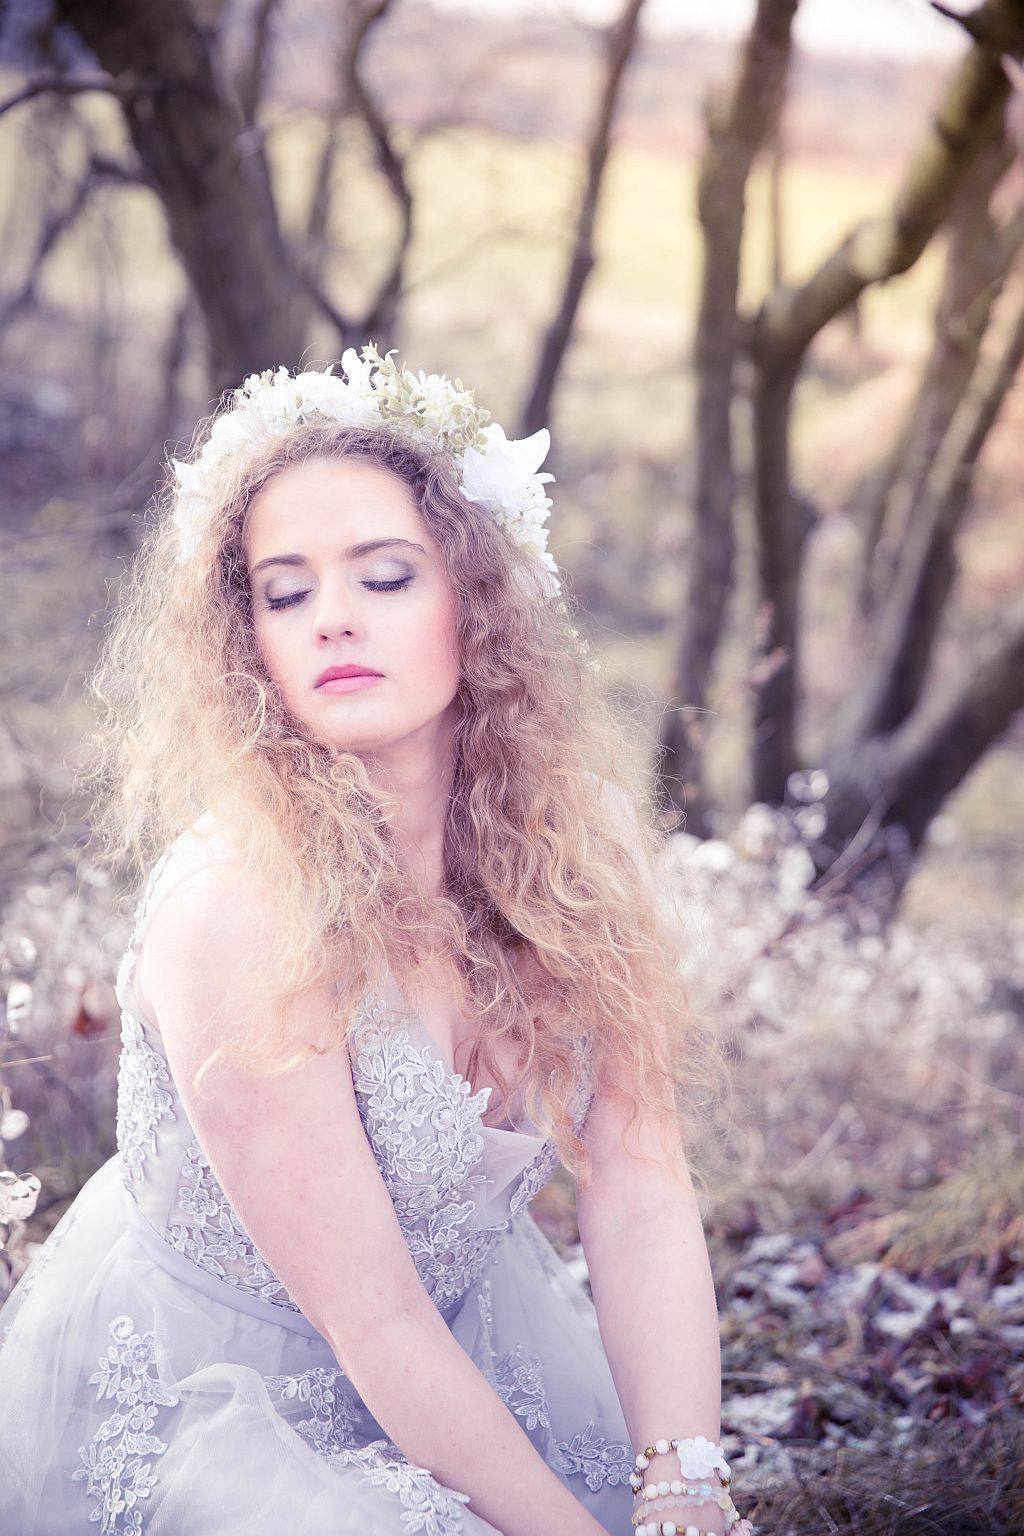 Věneček bílé květy - Obrázek č. 1